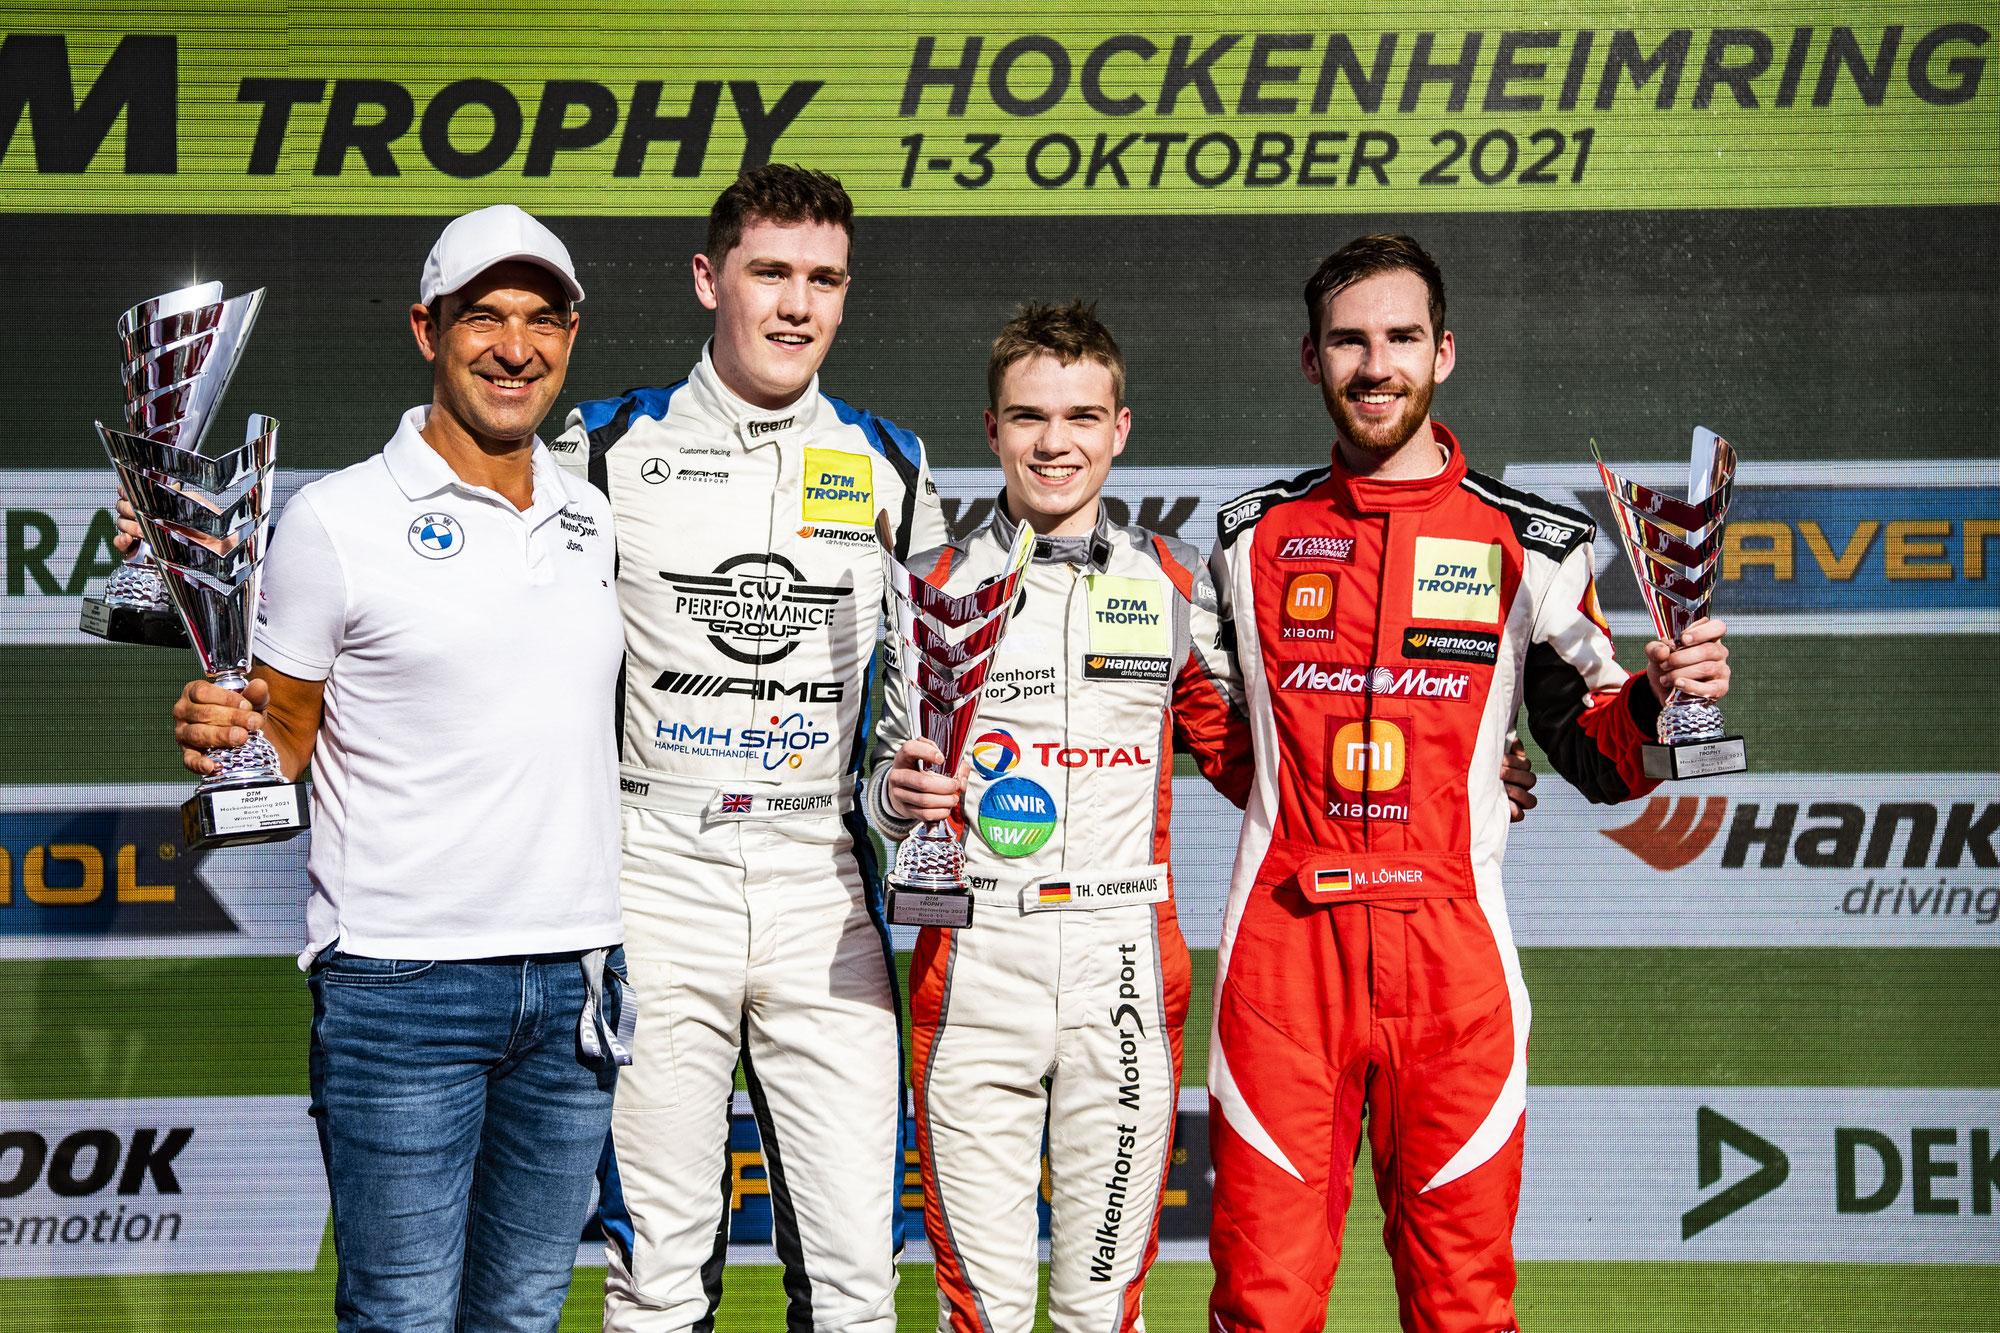 Premierensieg in der DTM Trophy: 16-jähriger Theo Oeverhaus gewinnt in Hockenheim – dramatische Wende im Titelkampf